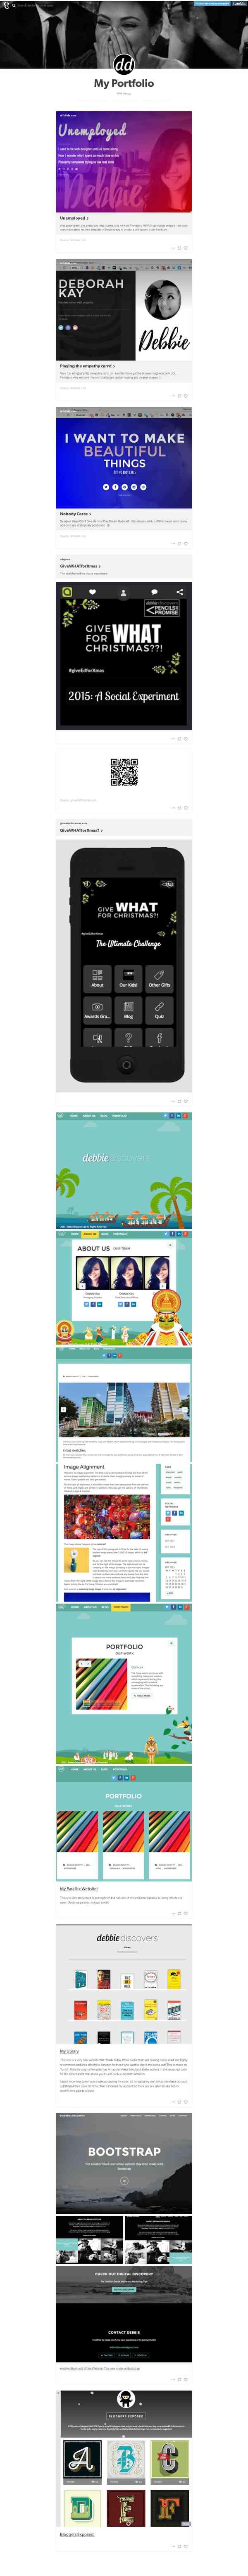 Tumblr Web Portfolio